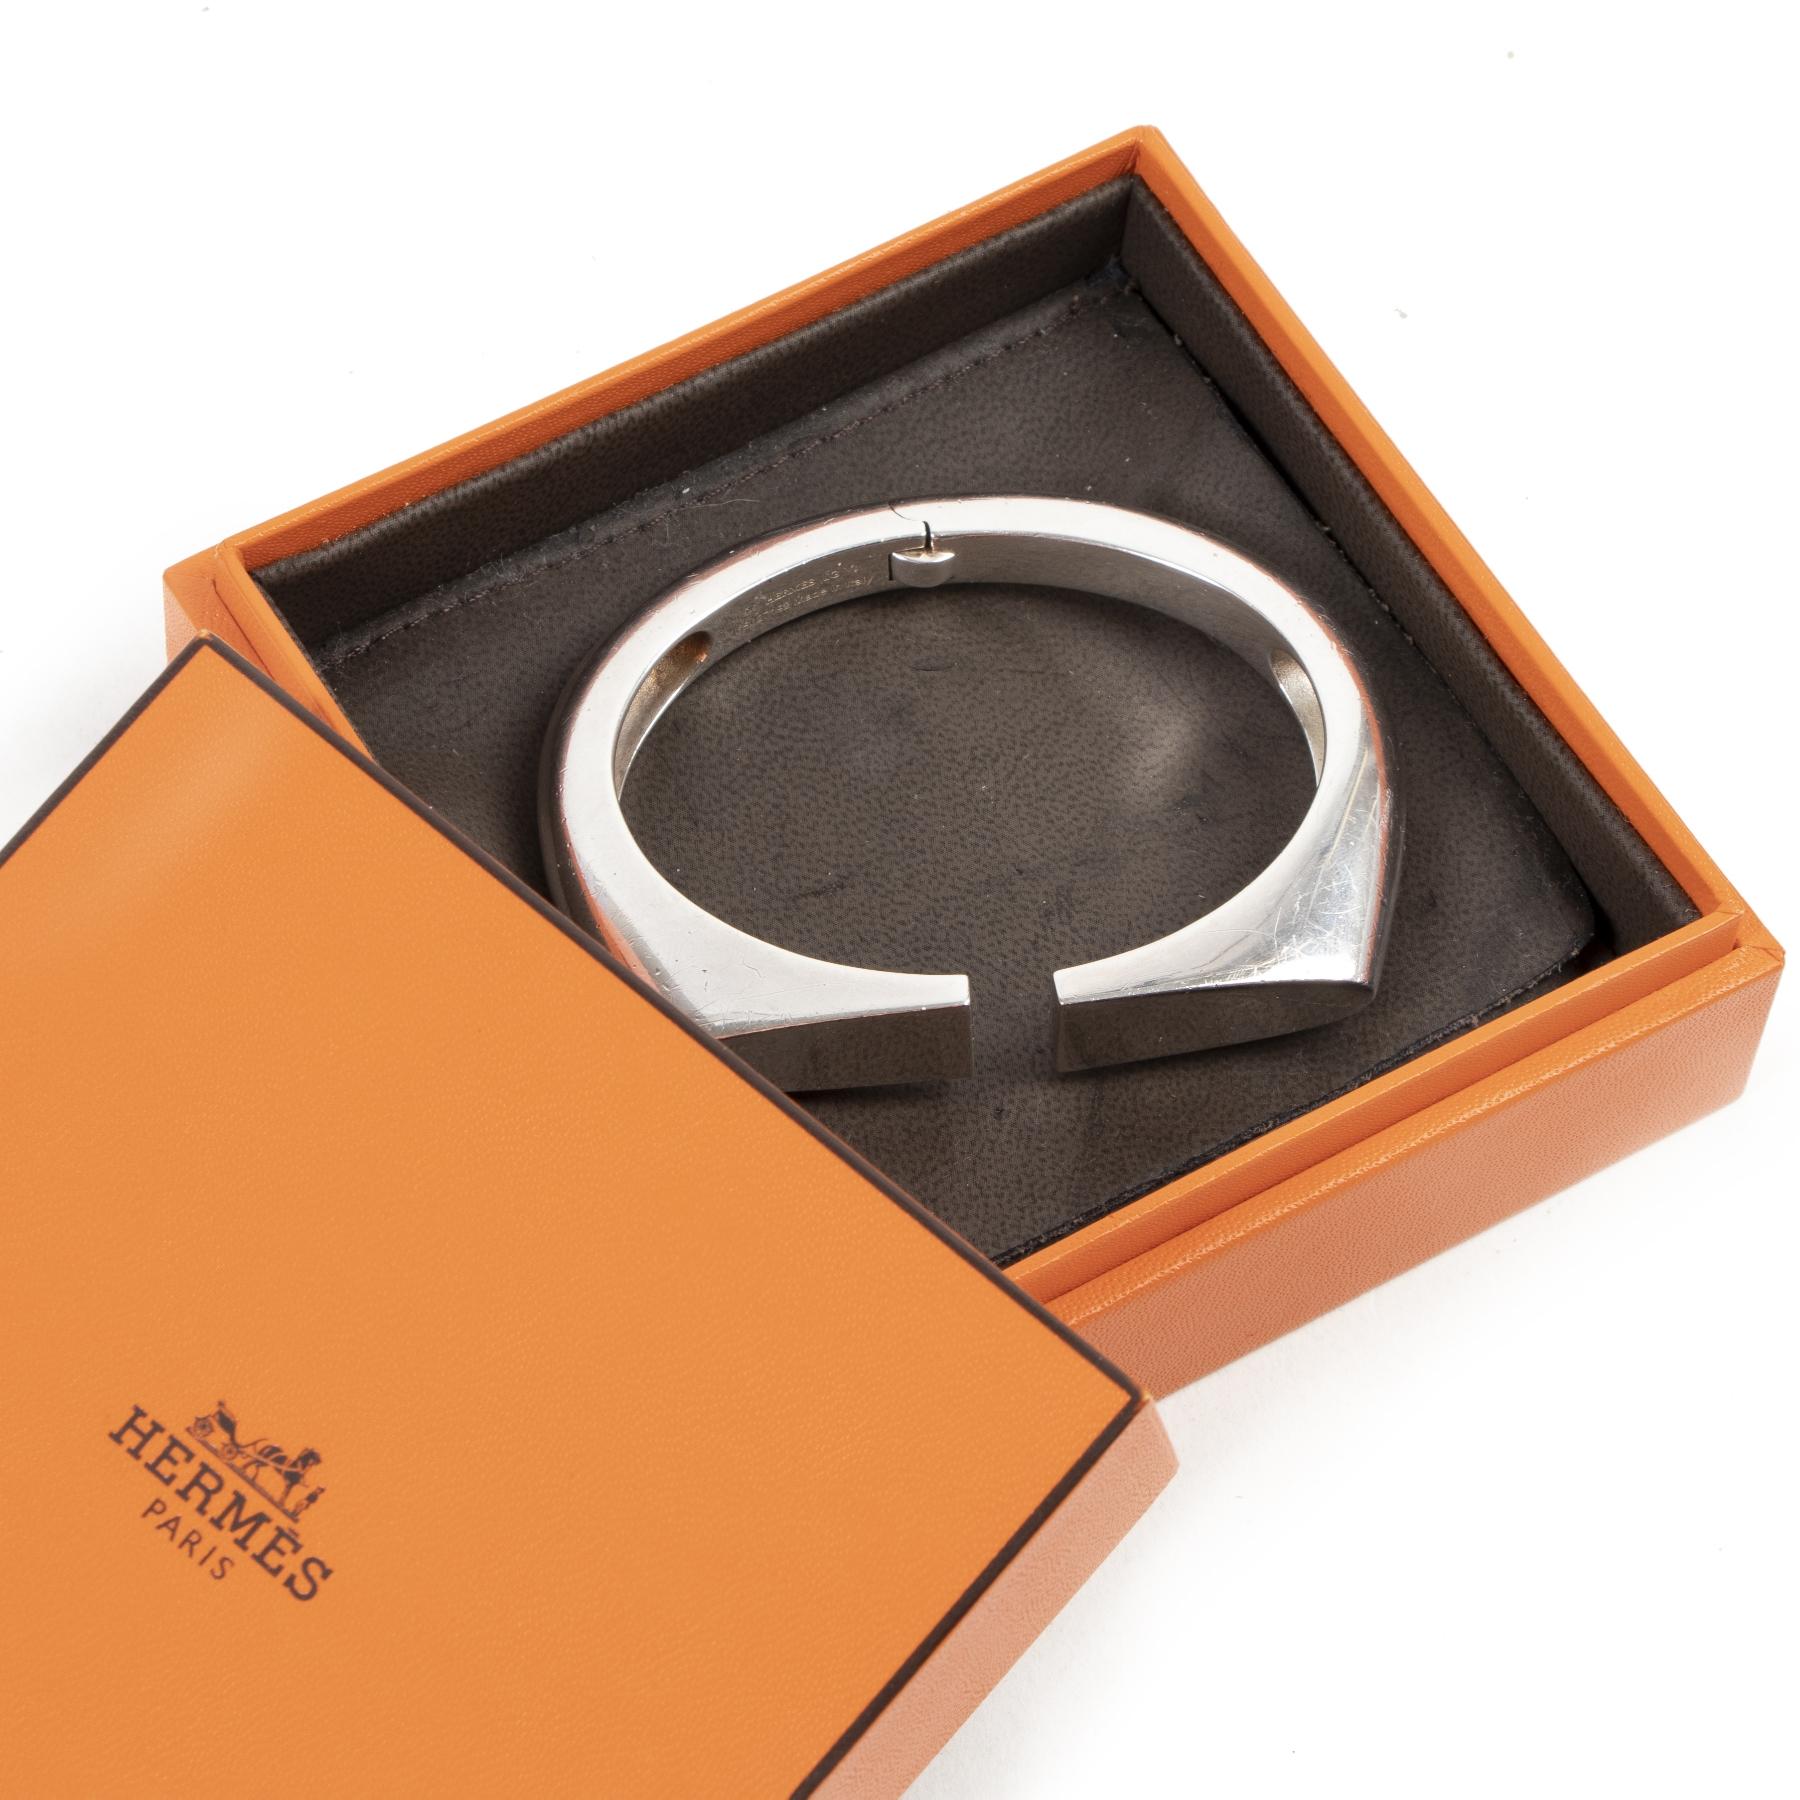 Acheter des bracelets de luxe d'occasion de la marque Hermès sur la boutique en ligne vintage LabelLOV